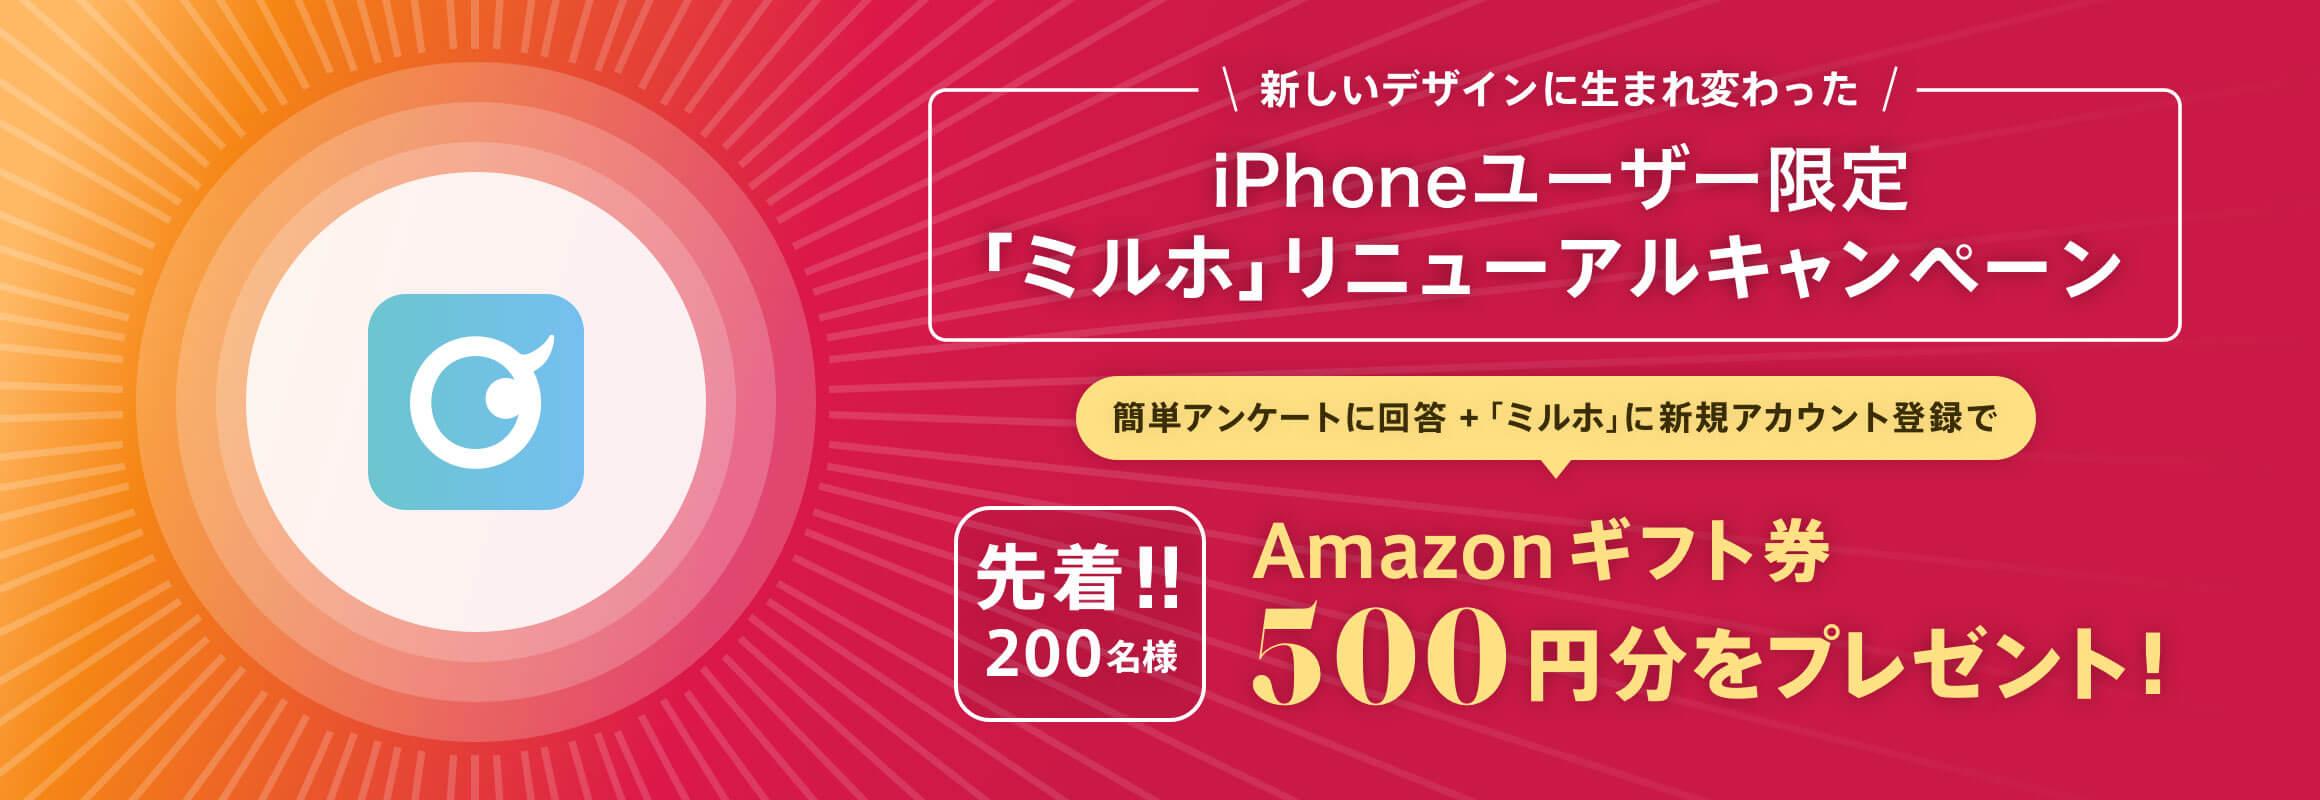 iPhoneユーザー限定、保険証証を撮って勧誘を受けるだけで先着200名にアマゾンギフト券500円分がもれなく貰える。10/21~。